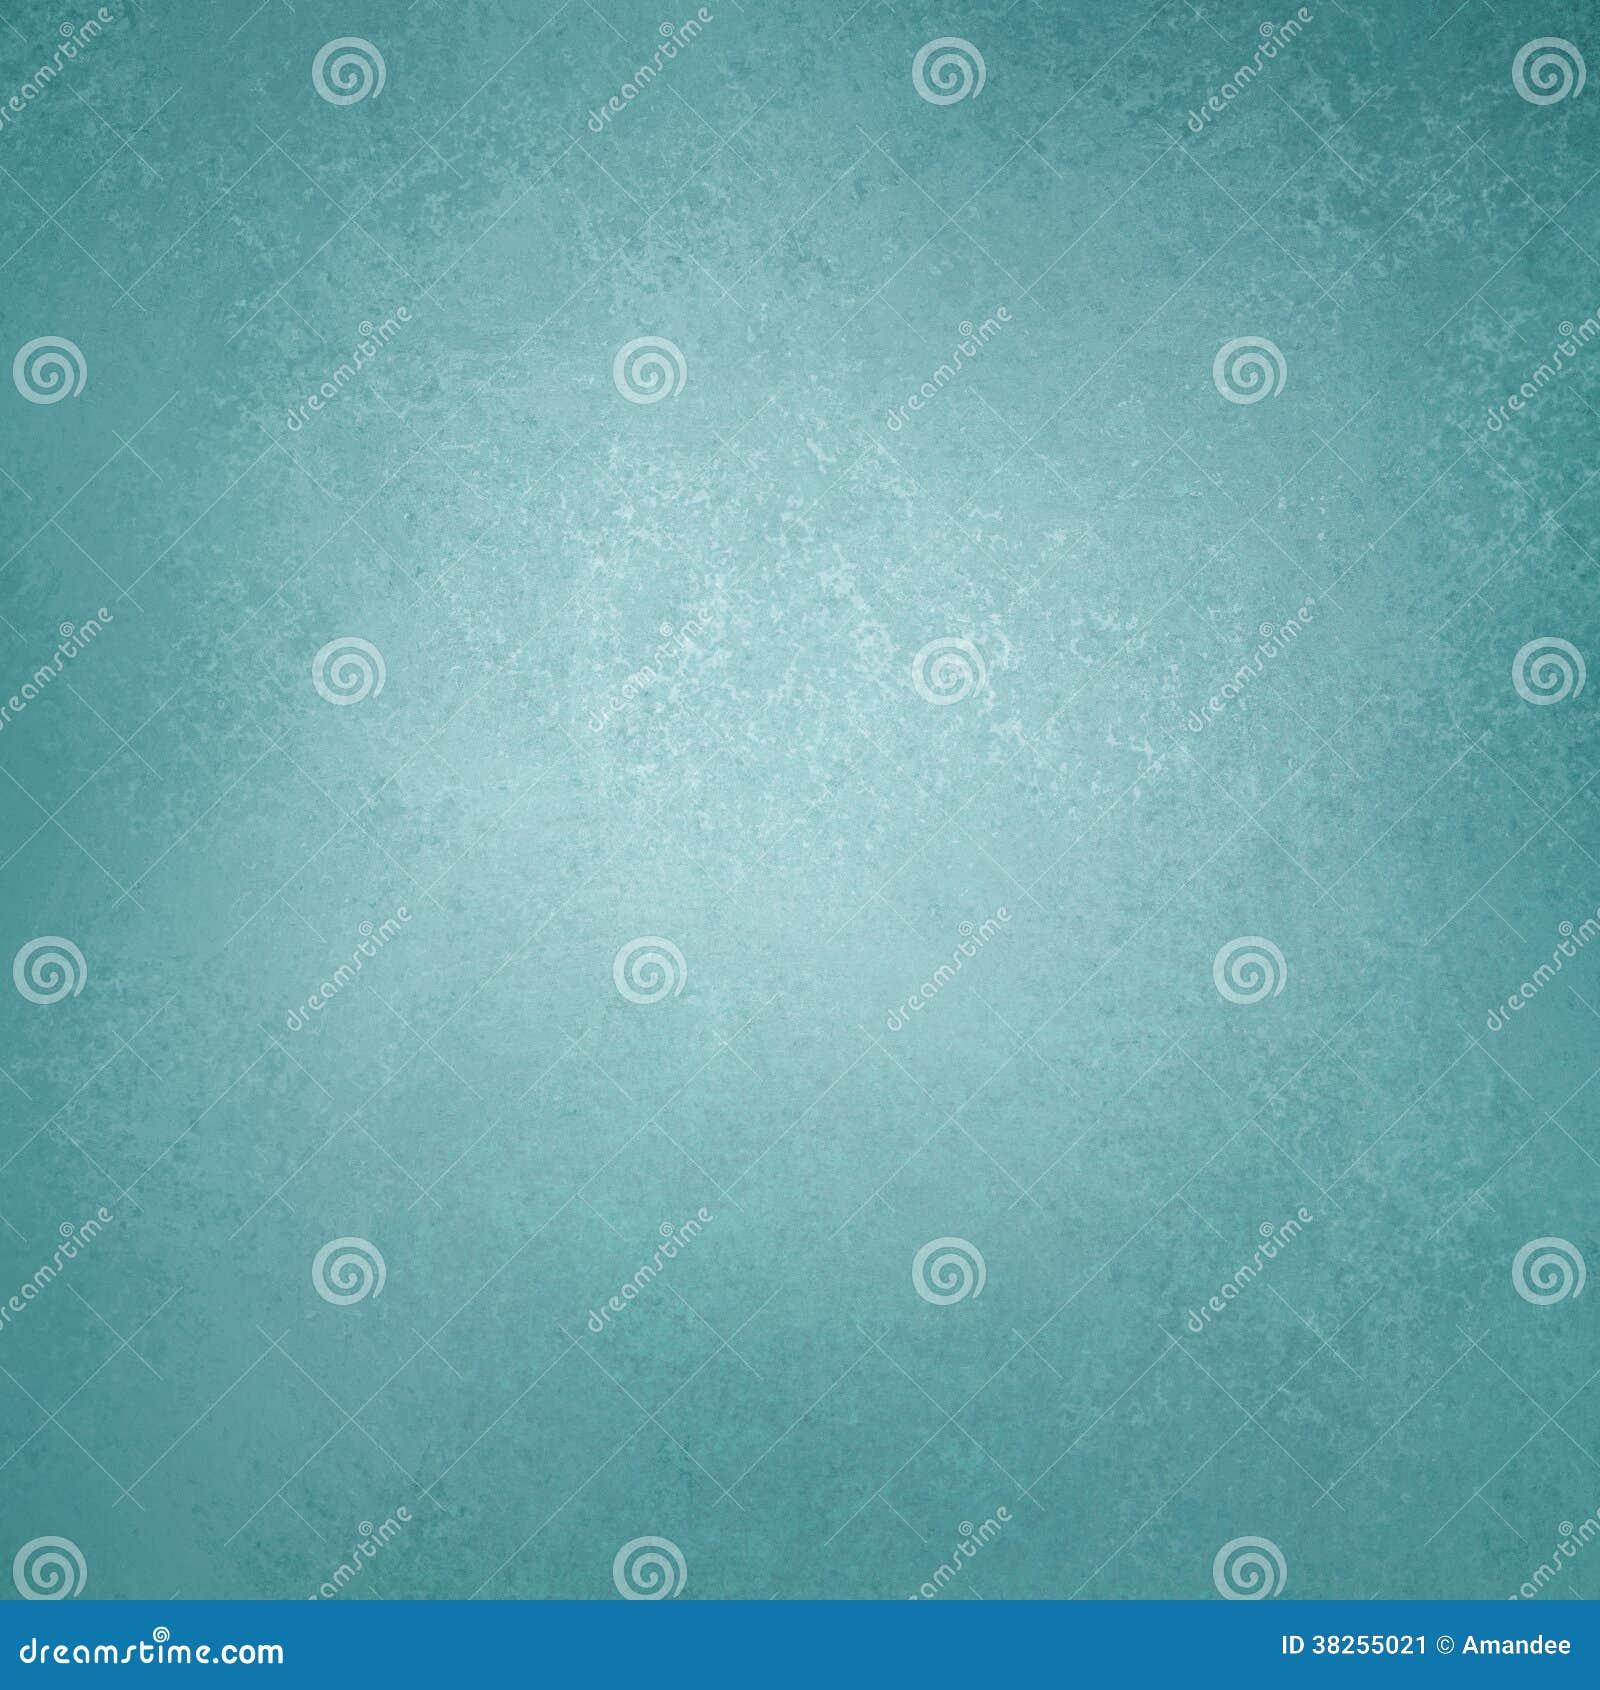 För tappninggrunge för abstrakt blå bakgrund lyxig rik design för textur för bakgrund med elegant antik målarfärg på väggillustrat